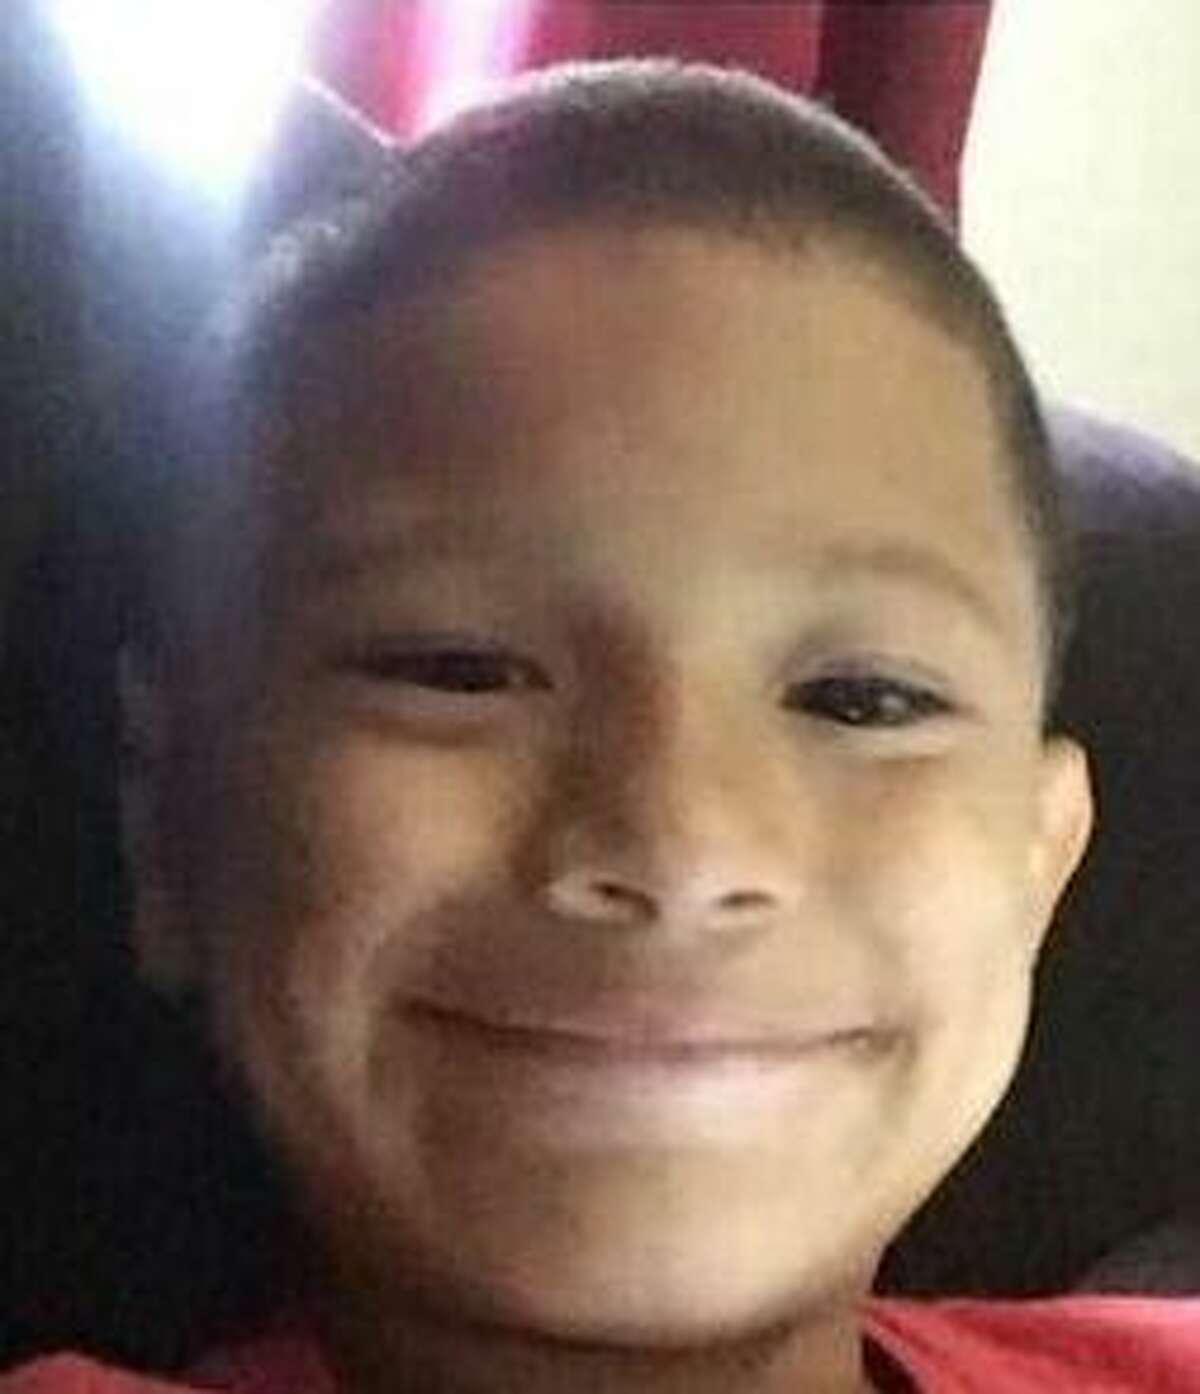 Joel Jimenez, 6, was last seen in the 600 block of J Street on June 24, 2018.